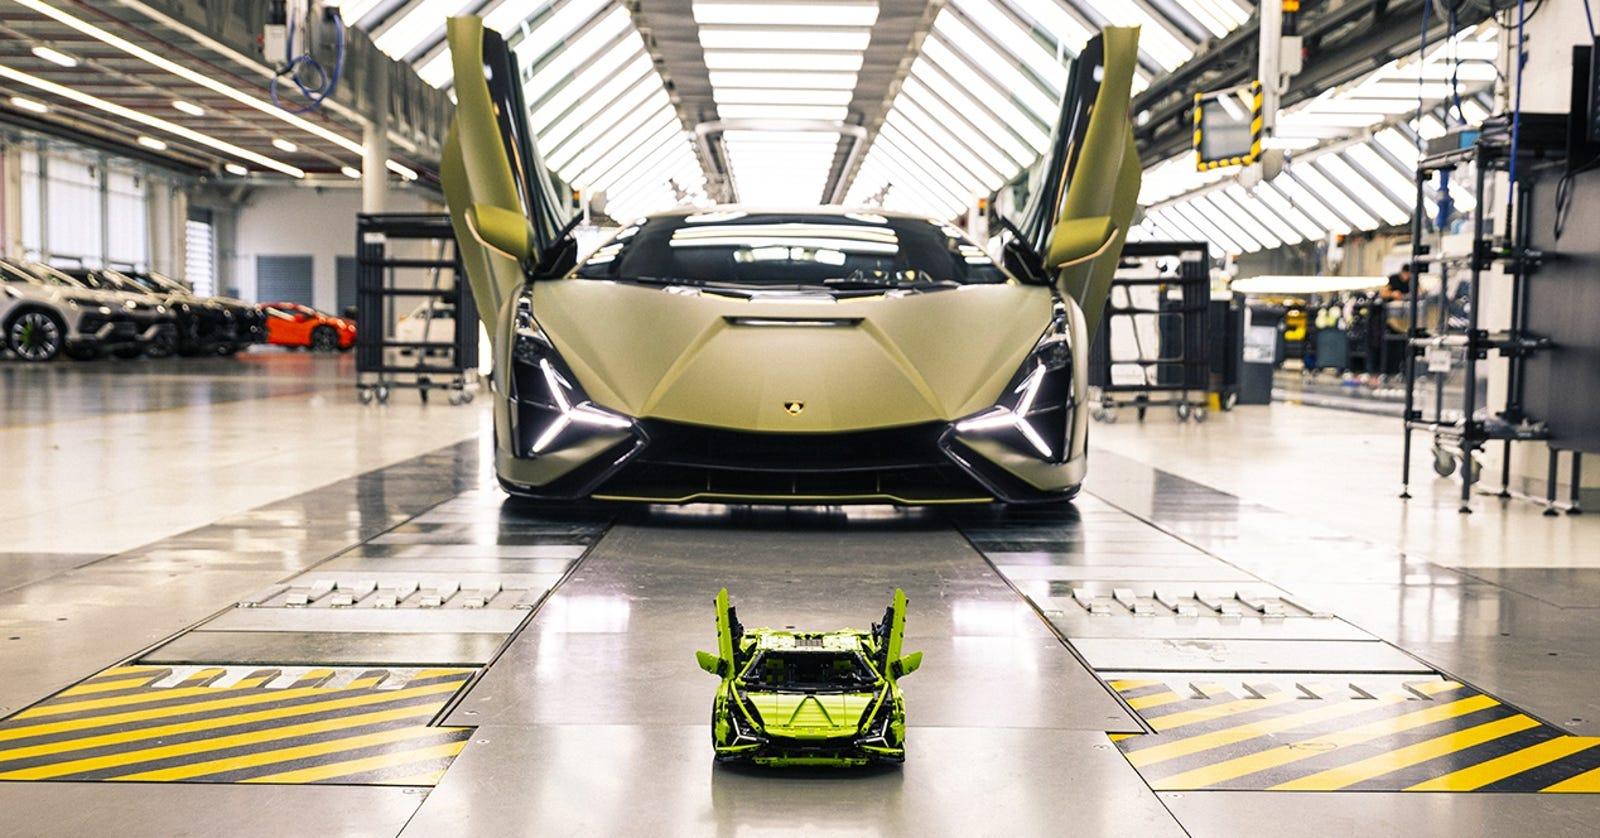 El Lamborghini Sián real y el Lamborghini Sián de Lego.